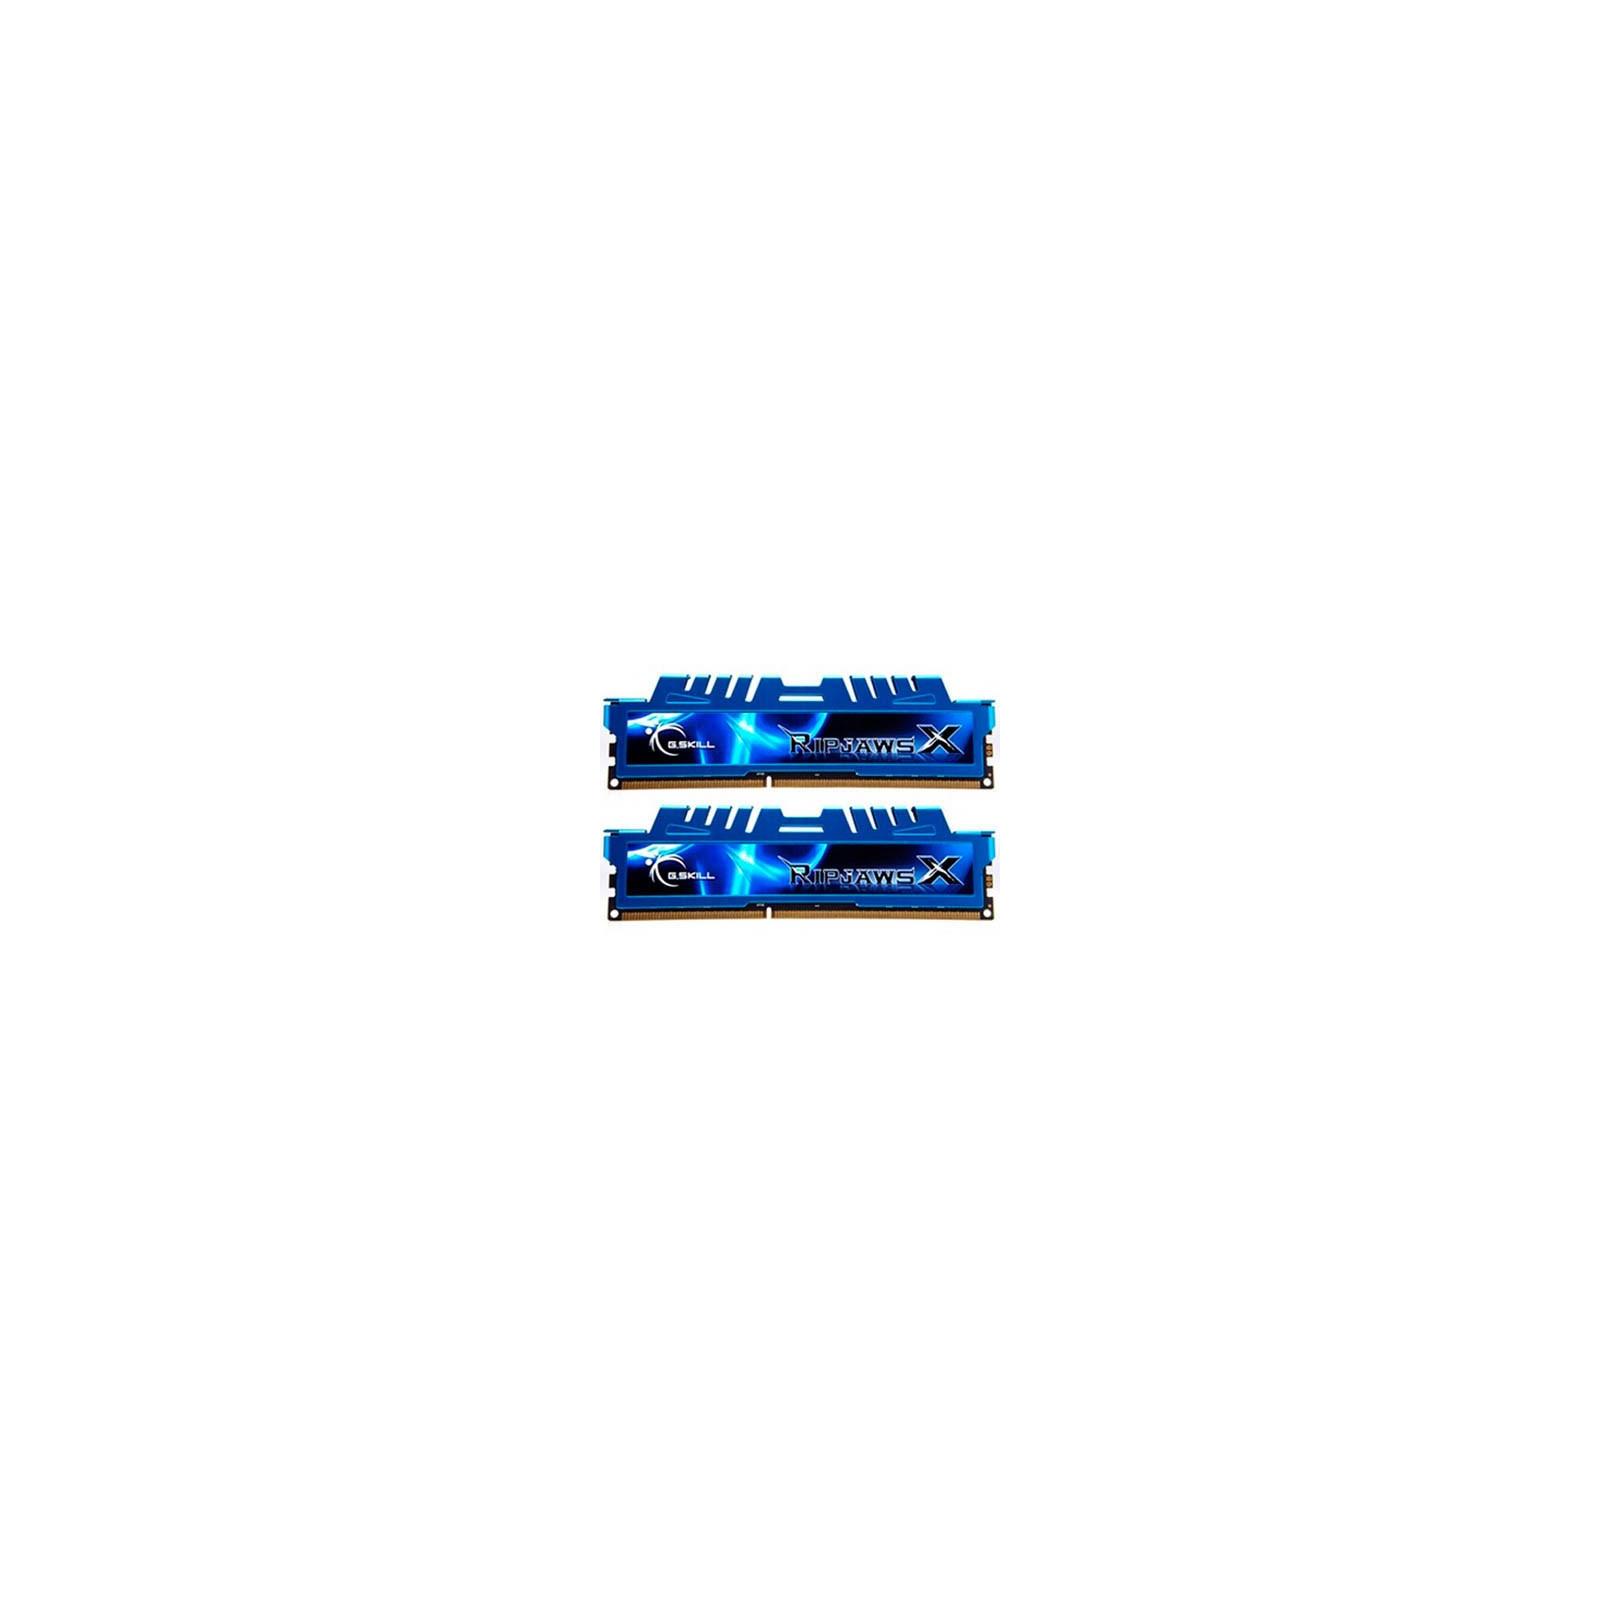 Модуль памяти для компьютера DDR3 8GB (2x4GB) 2133 MHz G.Skill (F3-2133C10D-8GXM)